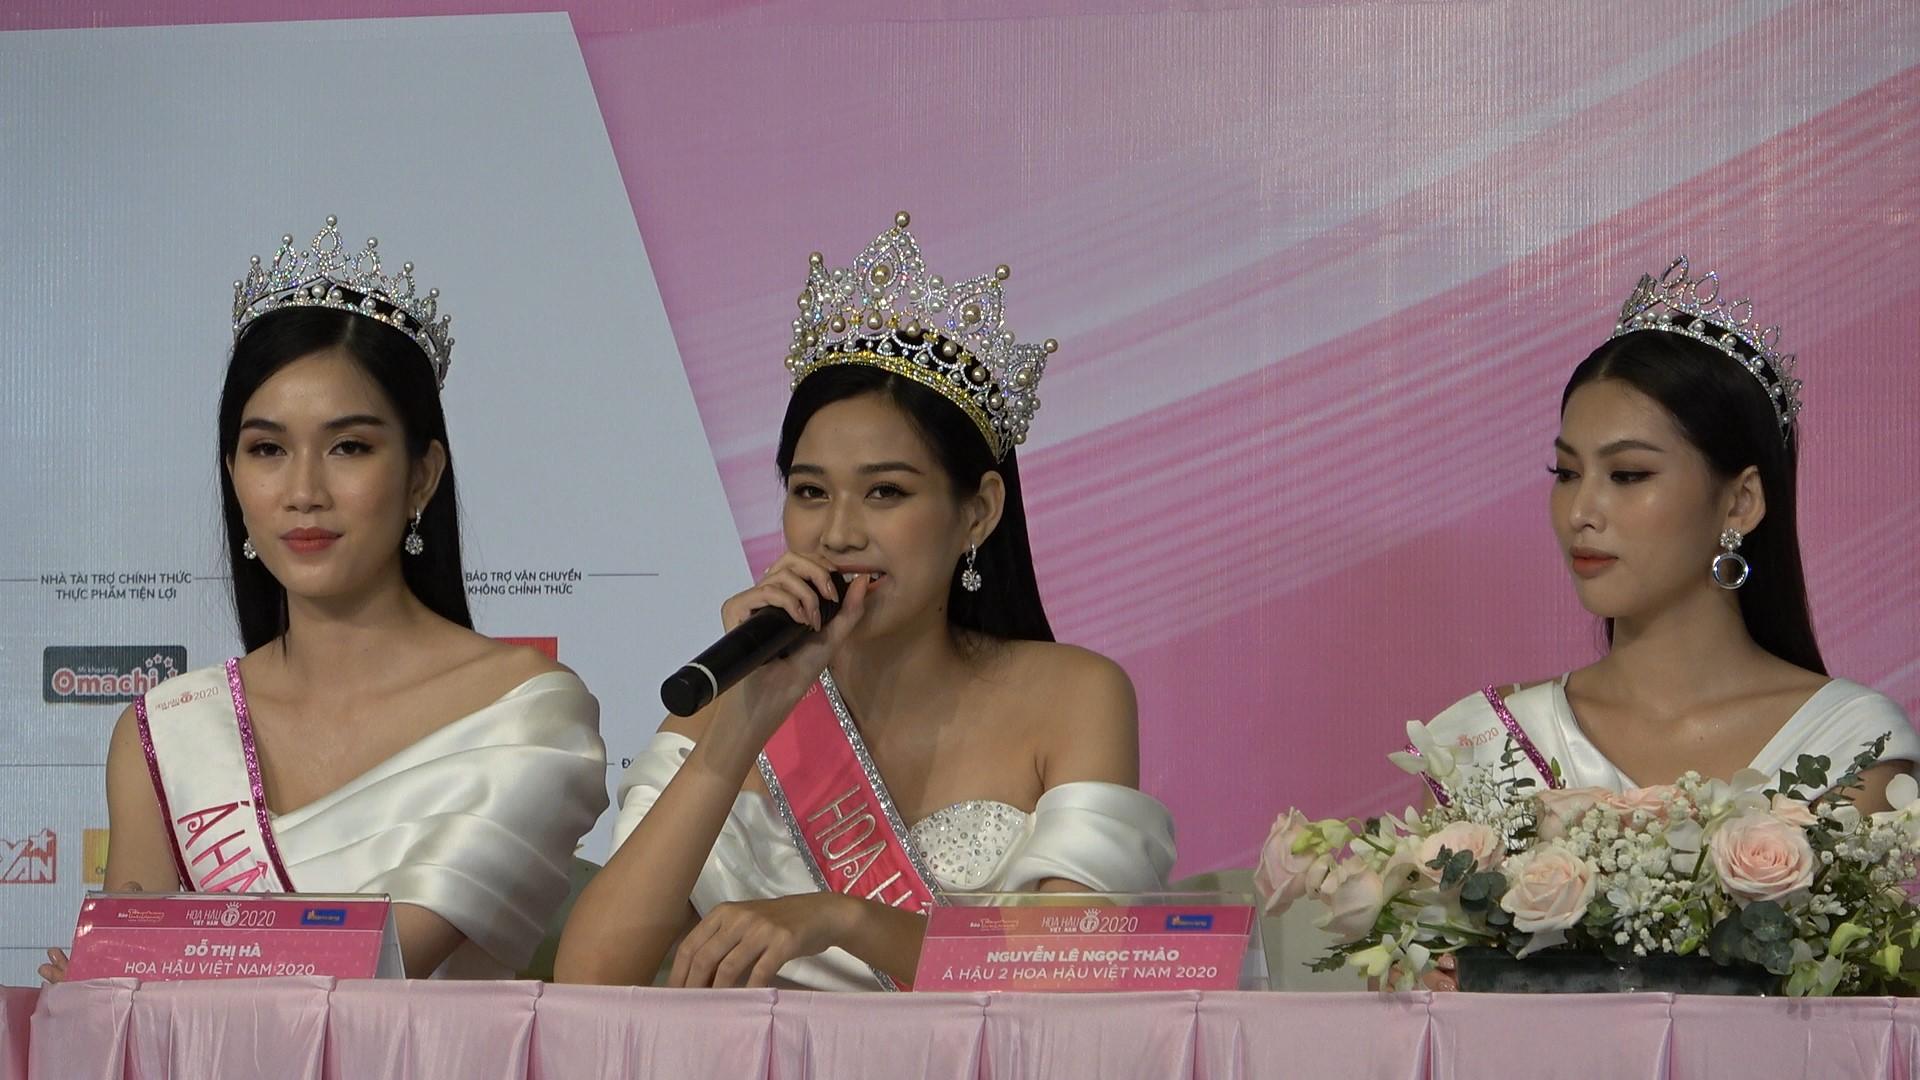 top 3 hhvn Tân Hoa hậu Việt Nam 2020 Đỗ Thị Hà đầy bản lĩnh trả lời các chất vấn hậu đăng quang